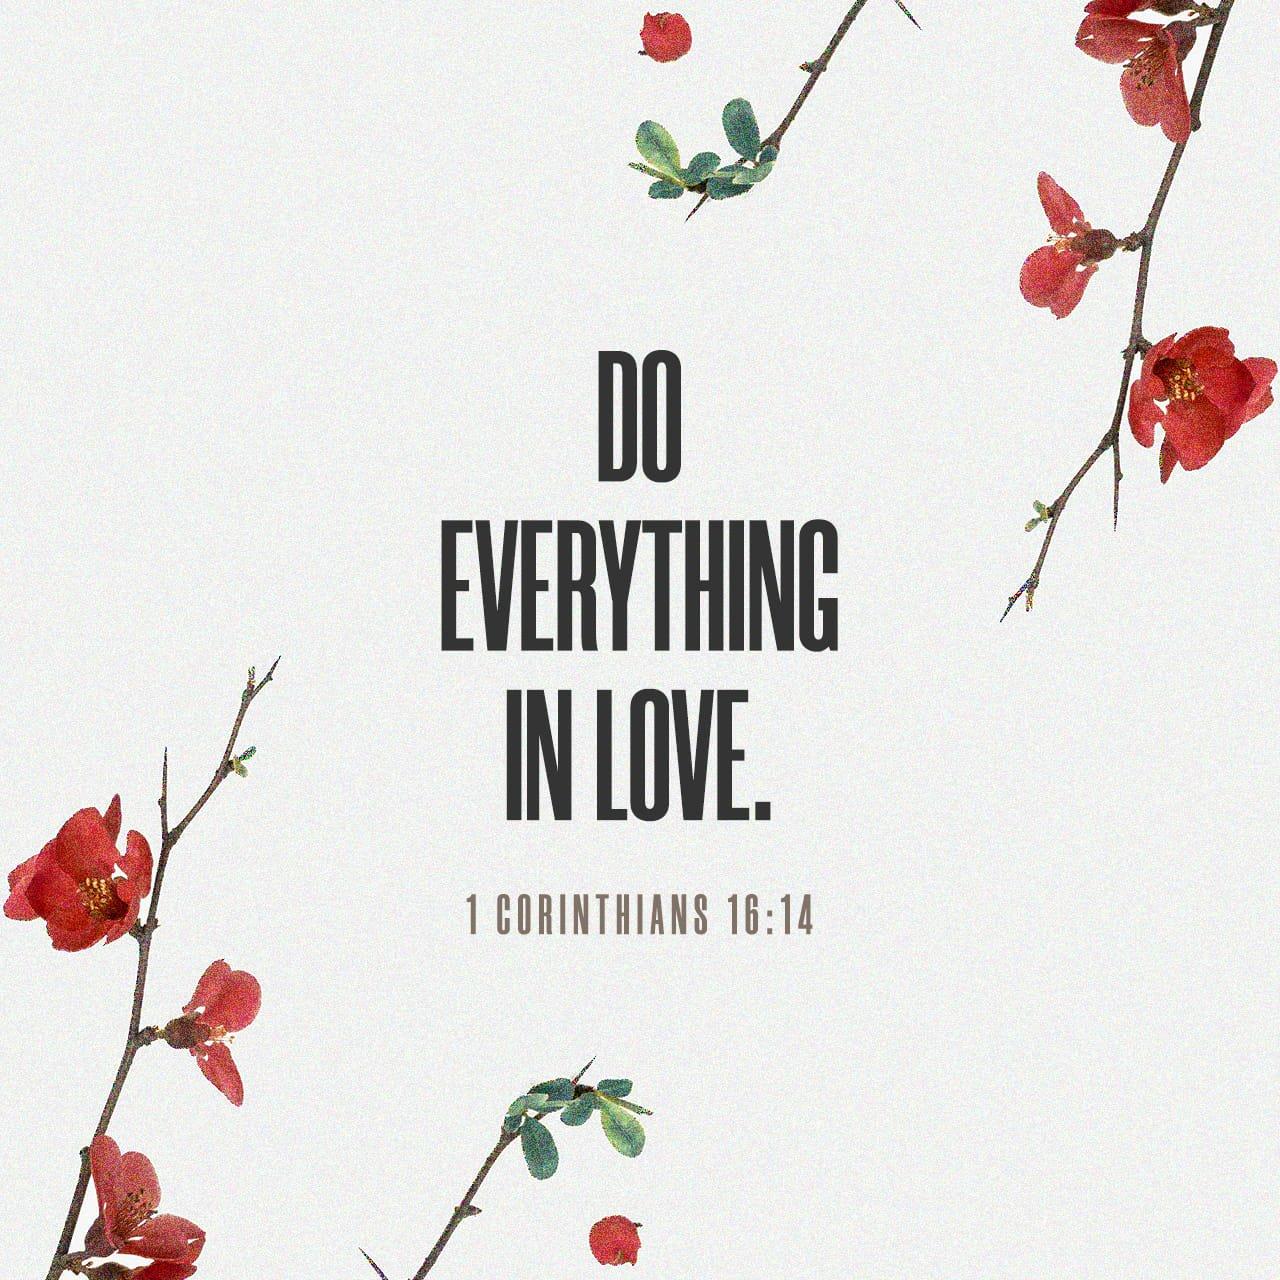 Sweet Encouragement!